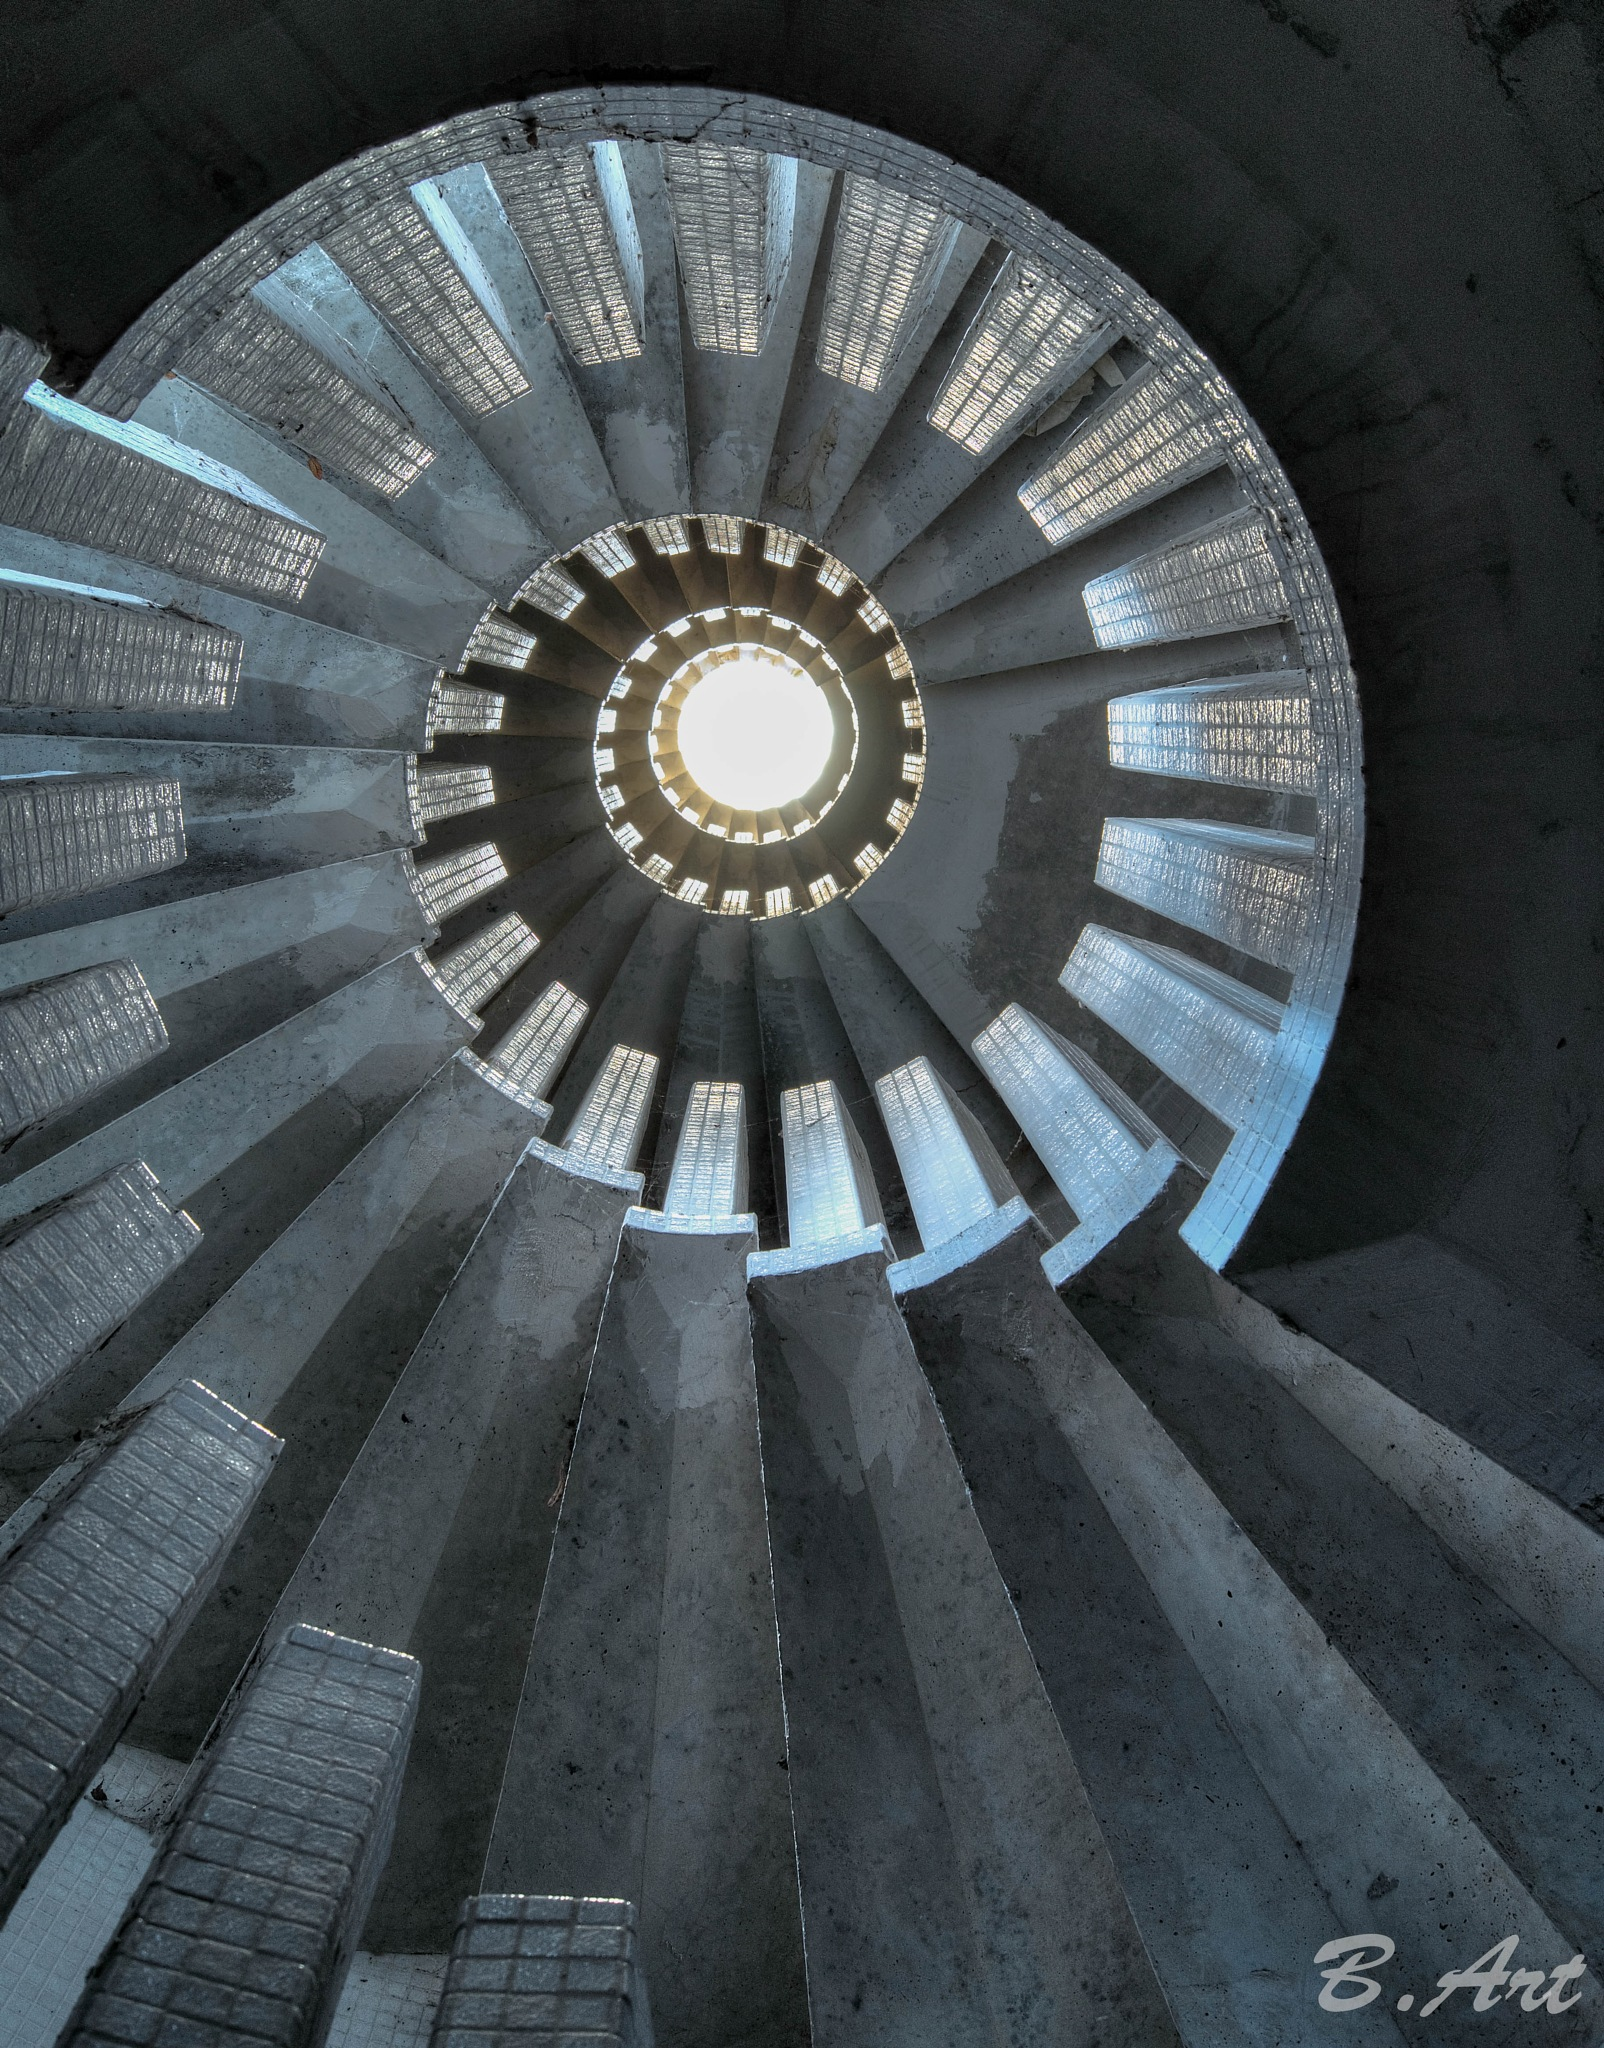 stairs by Bart van Reeth